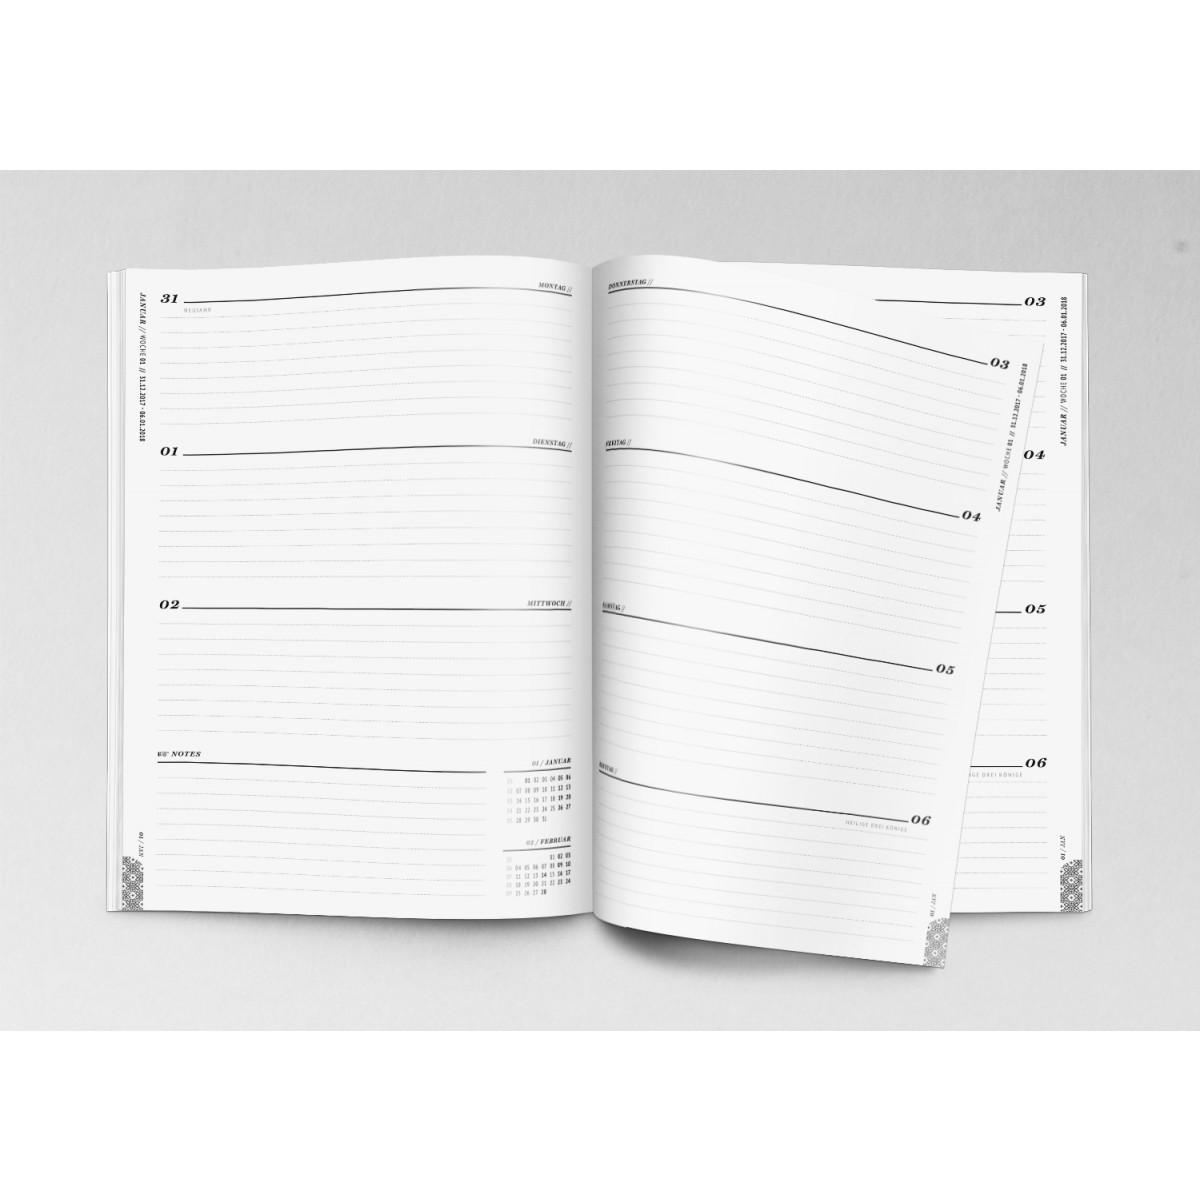 ACD DESIGN.BÜRO / Wochenkalender Terminplaner 2020 // DIN A6 & A5